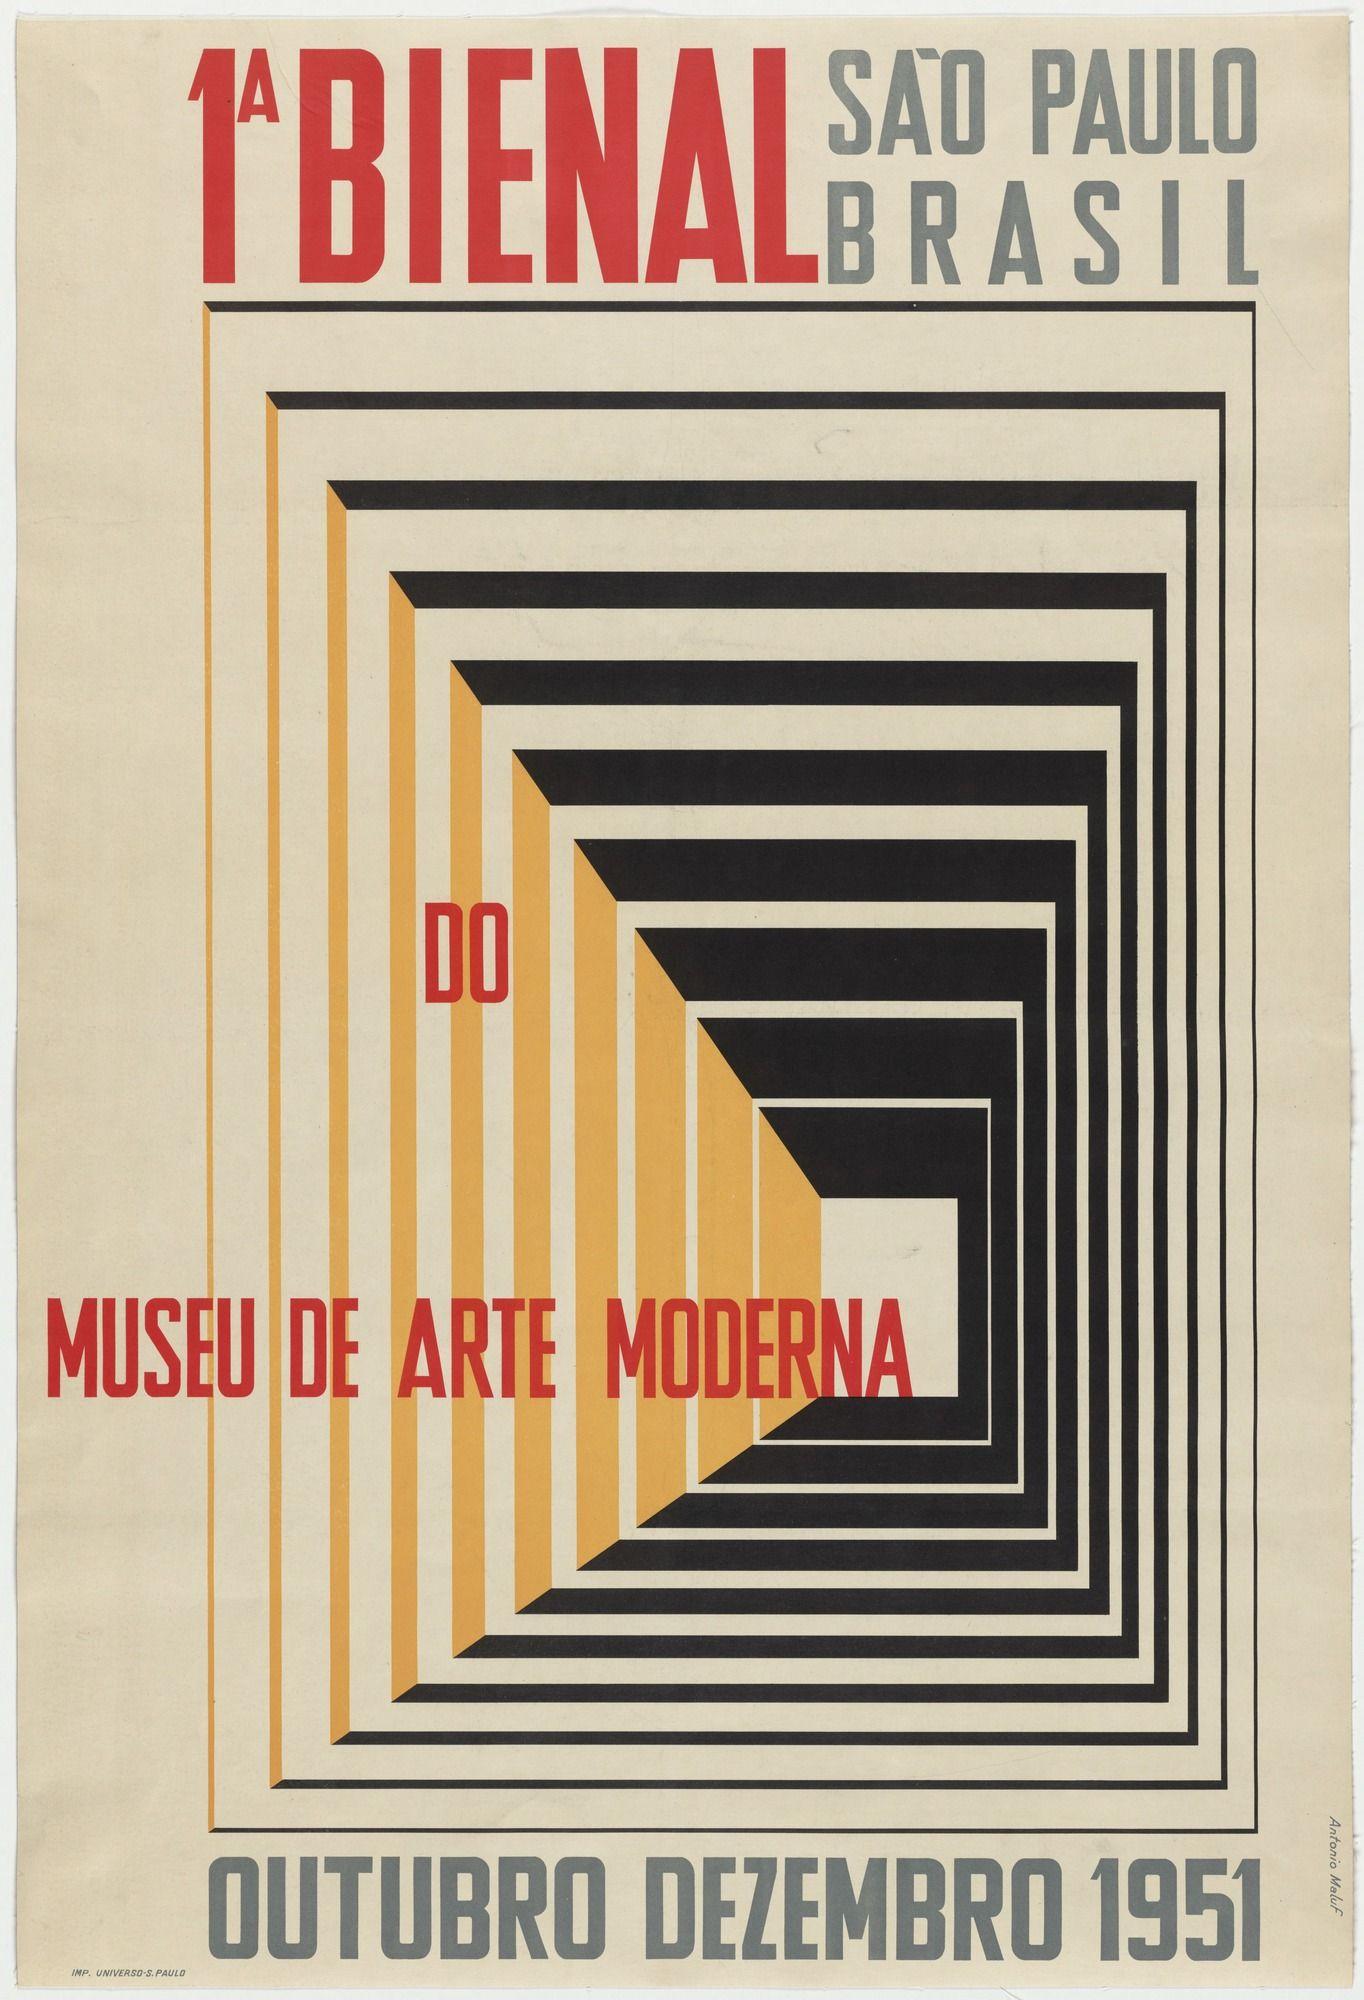 Antônio Maluf. 1a Bienal do Museu de Arte Moderna, São Paulo Brasil. 1951 | Museum of modern art, Graphic design advertising, Exhibition poster